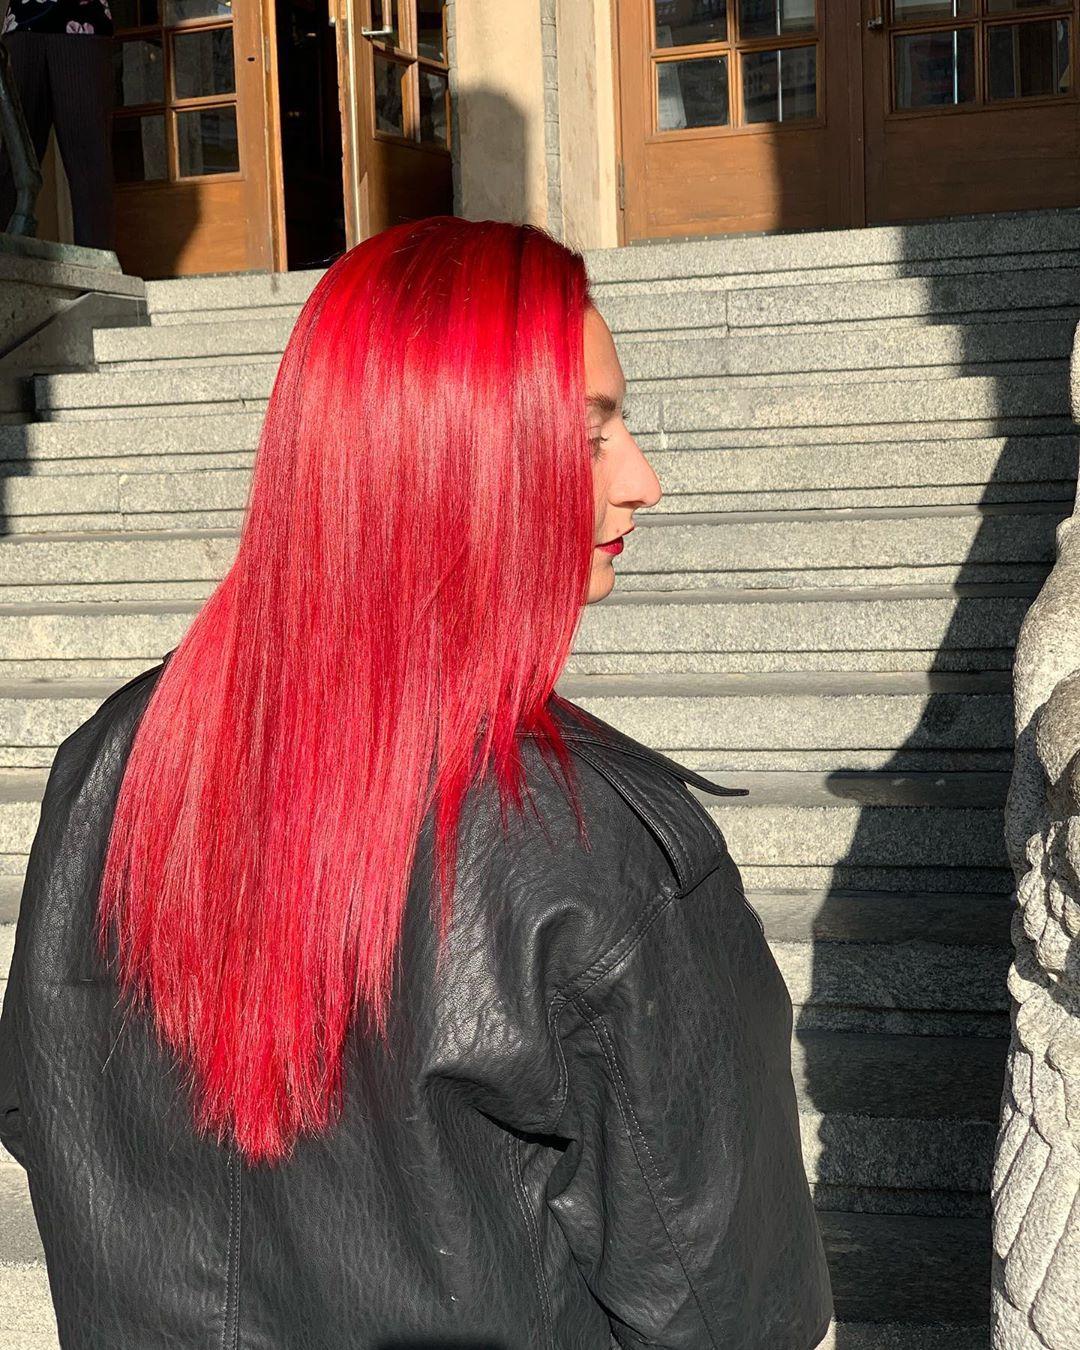 Красные волосы на женщинах 40-50 лет фото 13